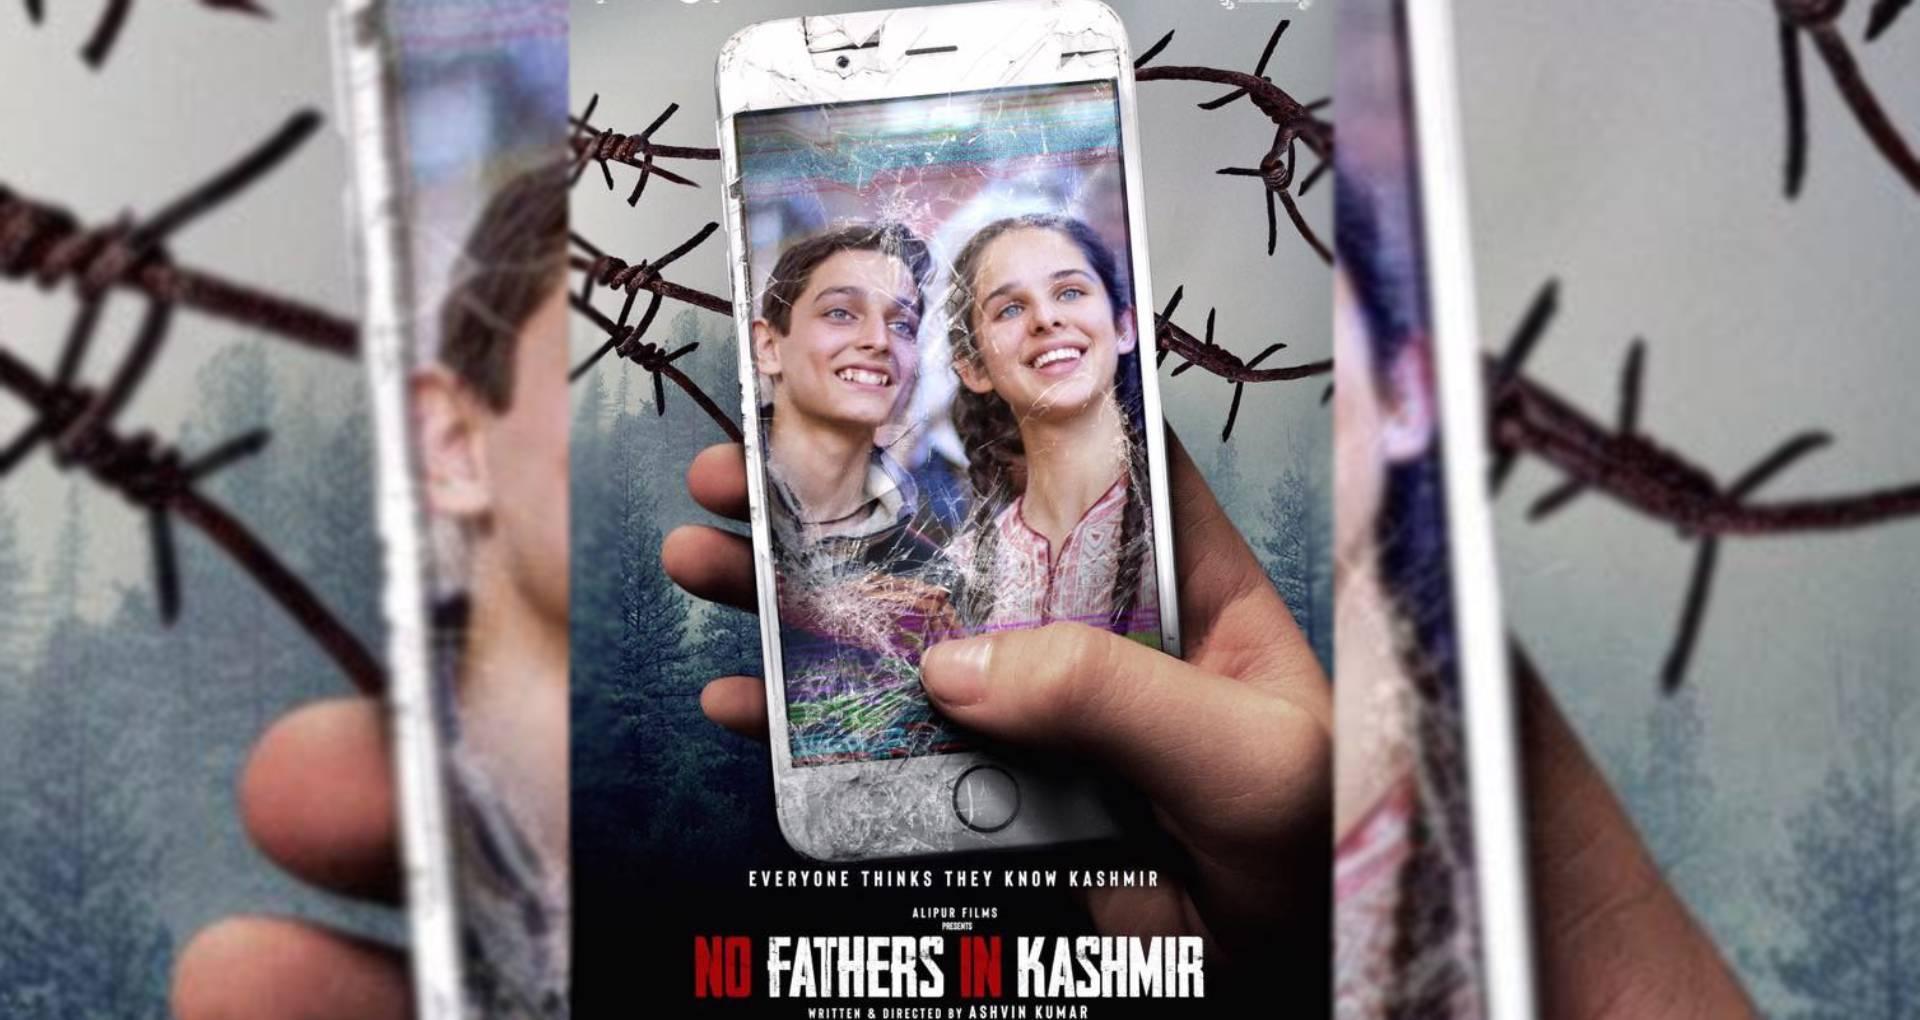 सेंसर बोर्ड से ग्रीन सिग्नल मिलने के बाद फिल्म नो फादर्स इन कश्मीर का पोस्टर लॉन्च, इस दिन रिलीज होगी मूवी